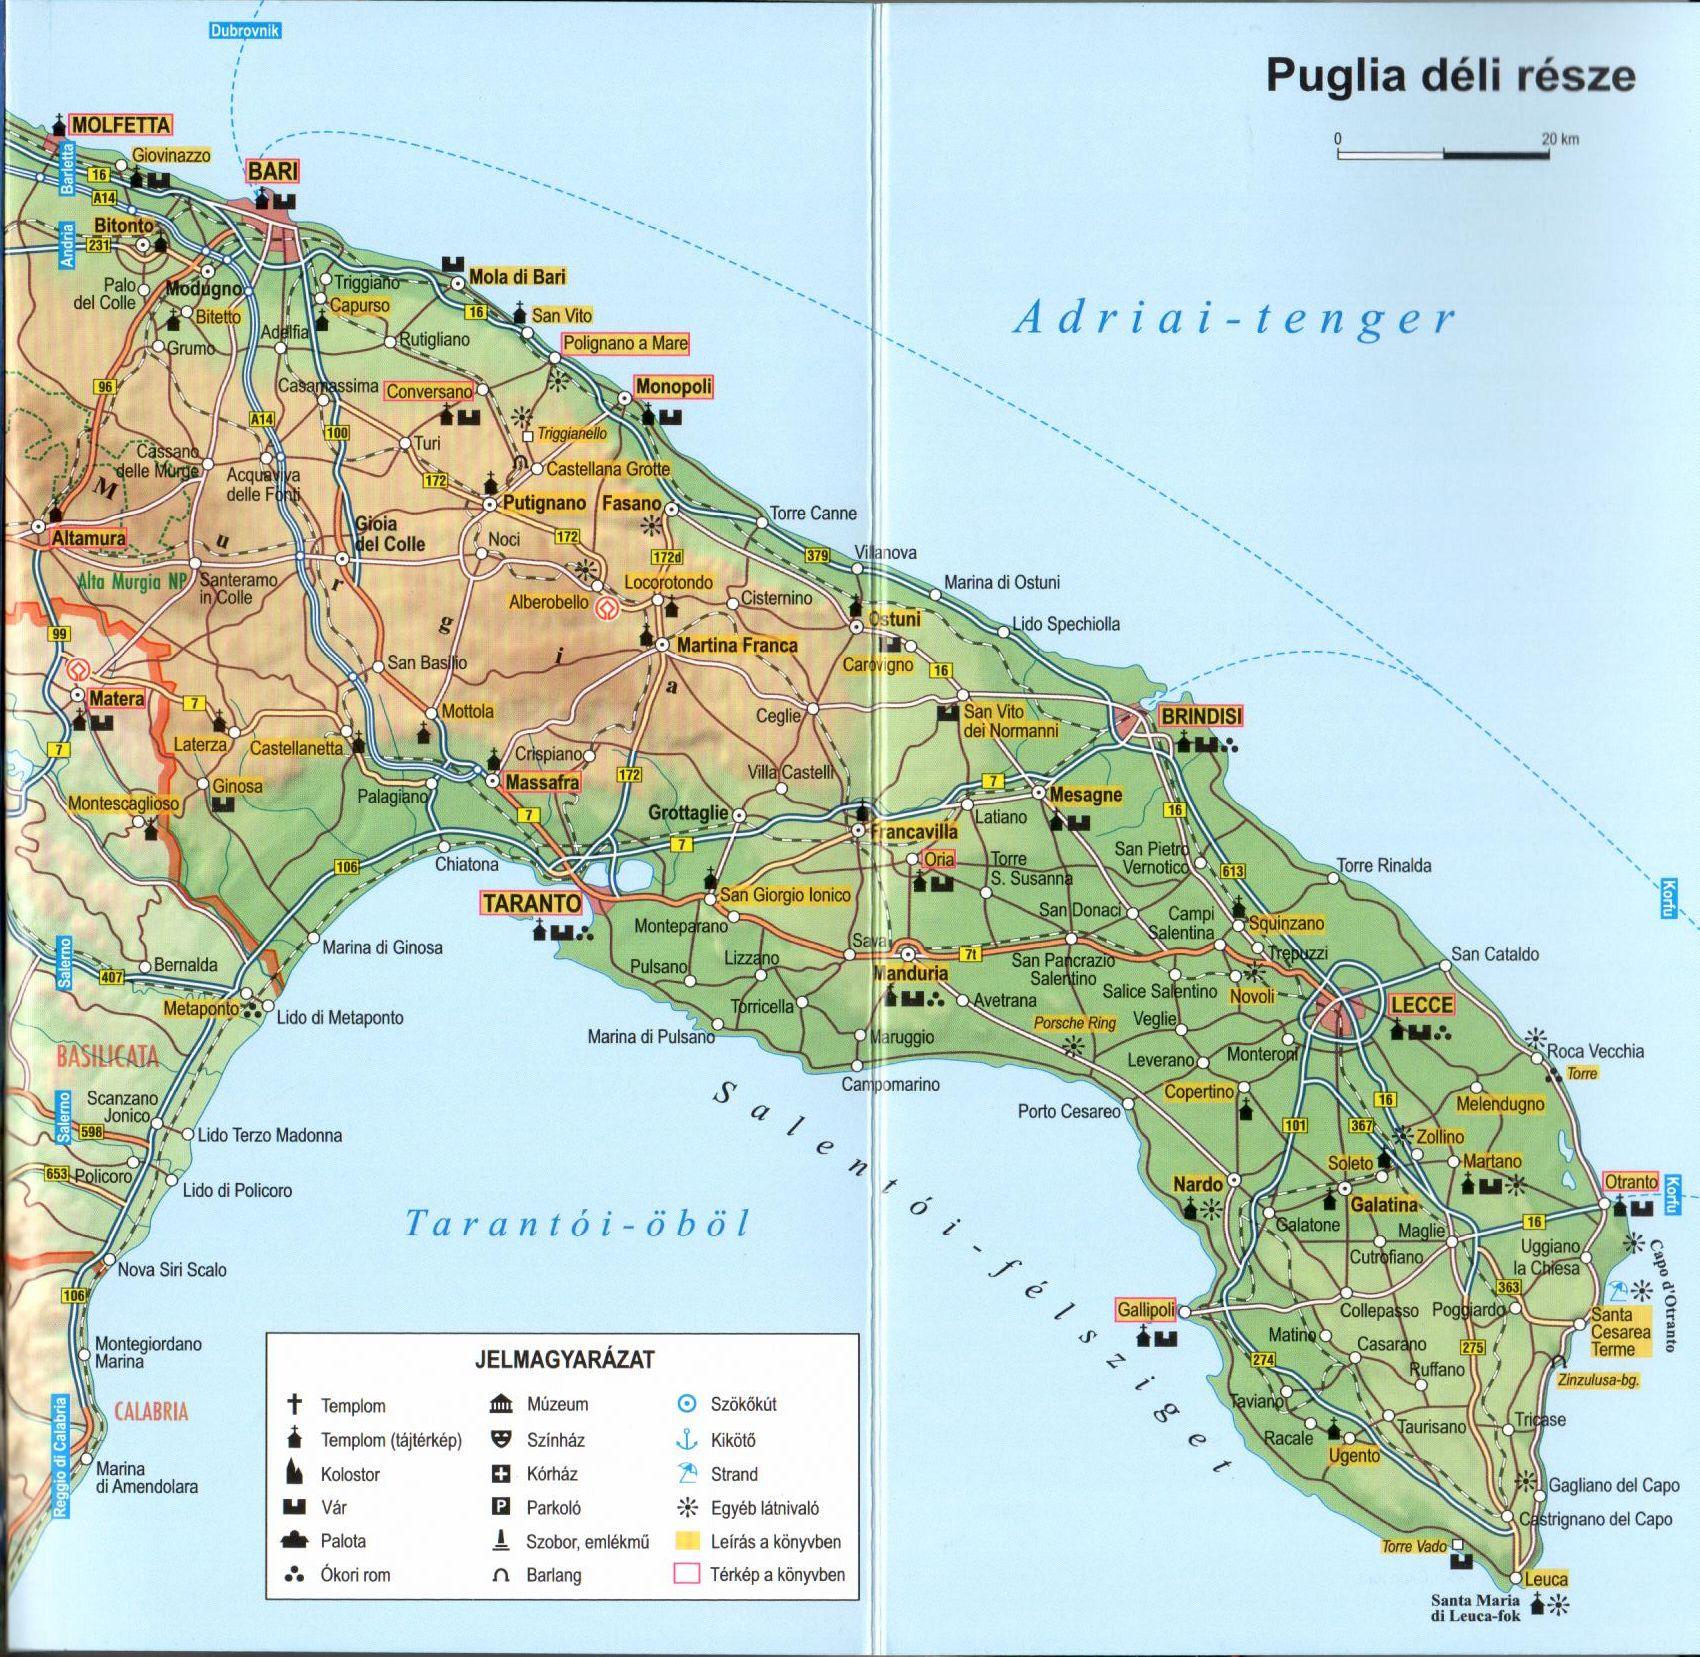 Puglia térkép mintakivágat